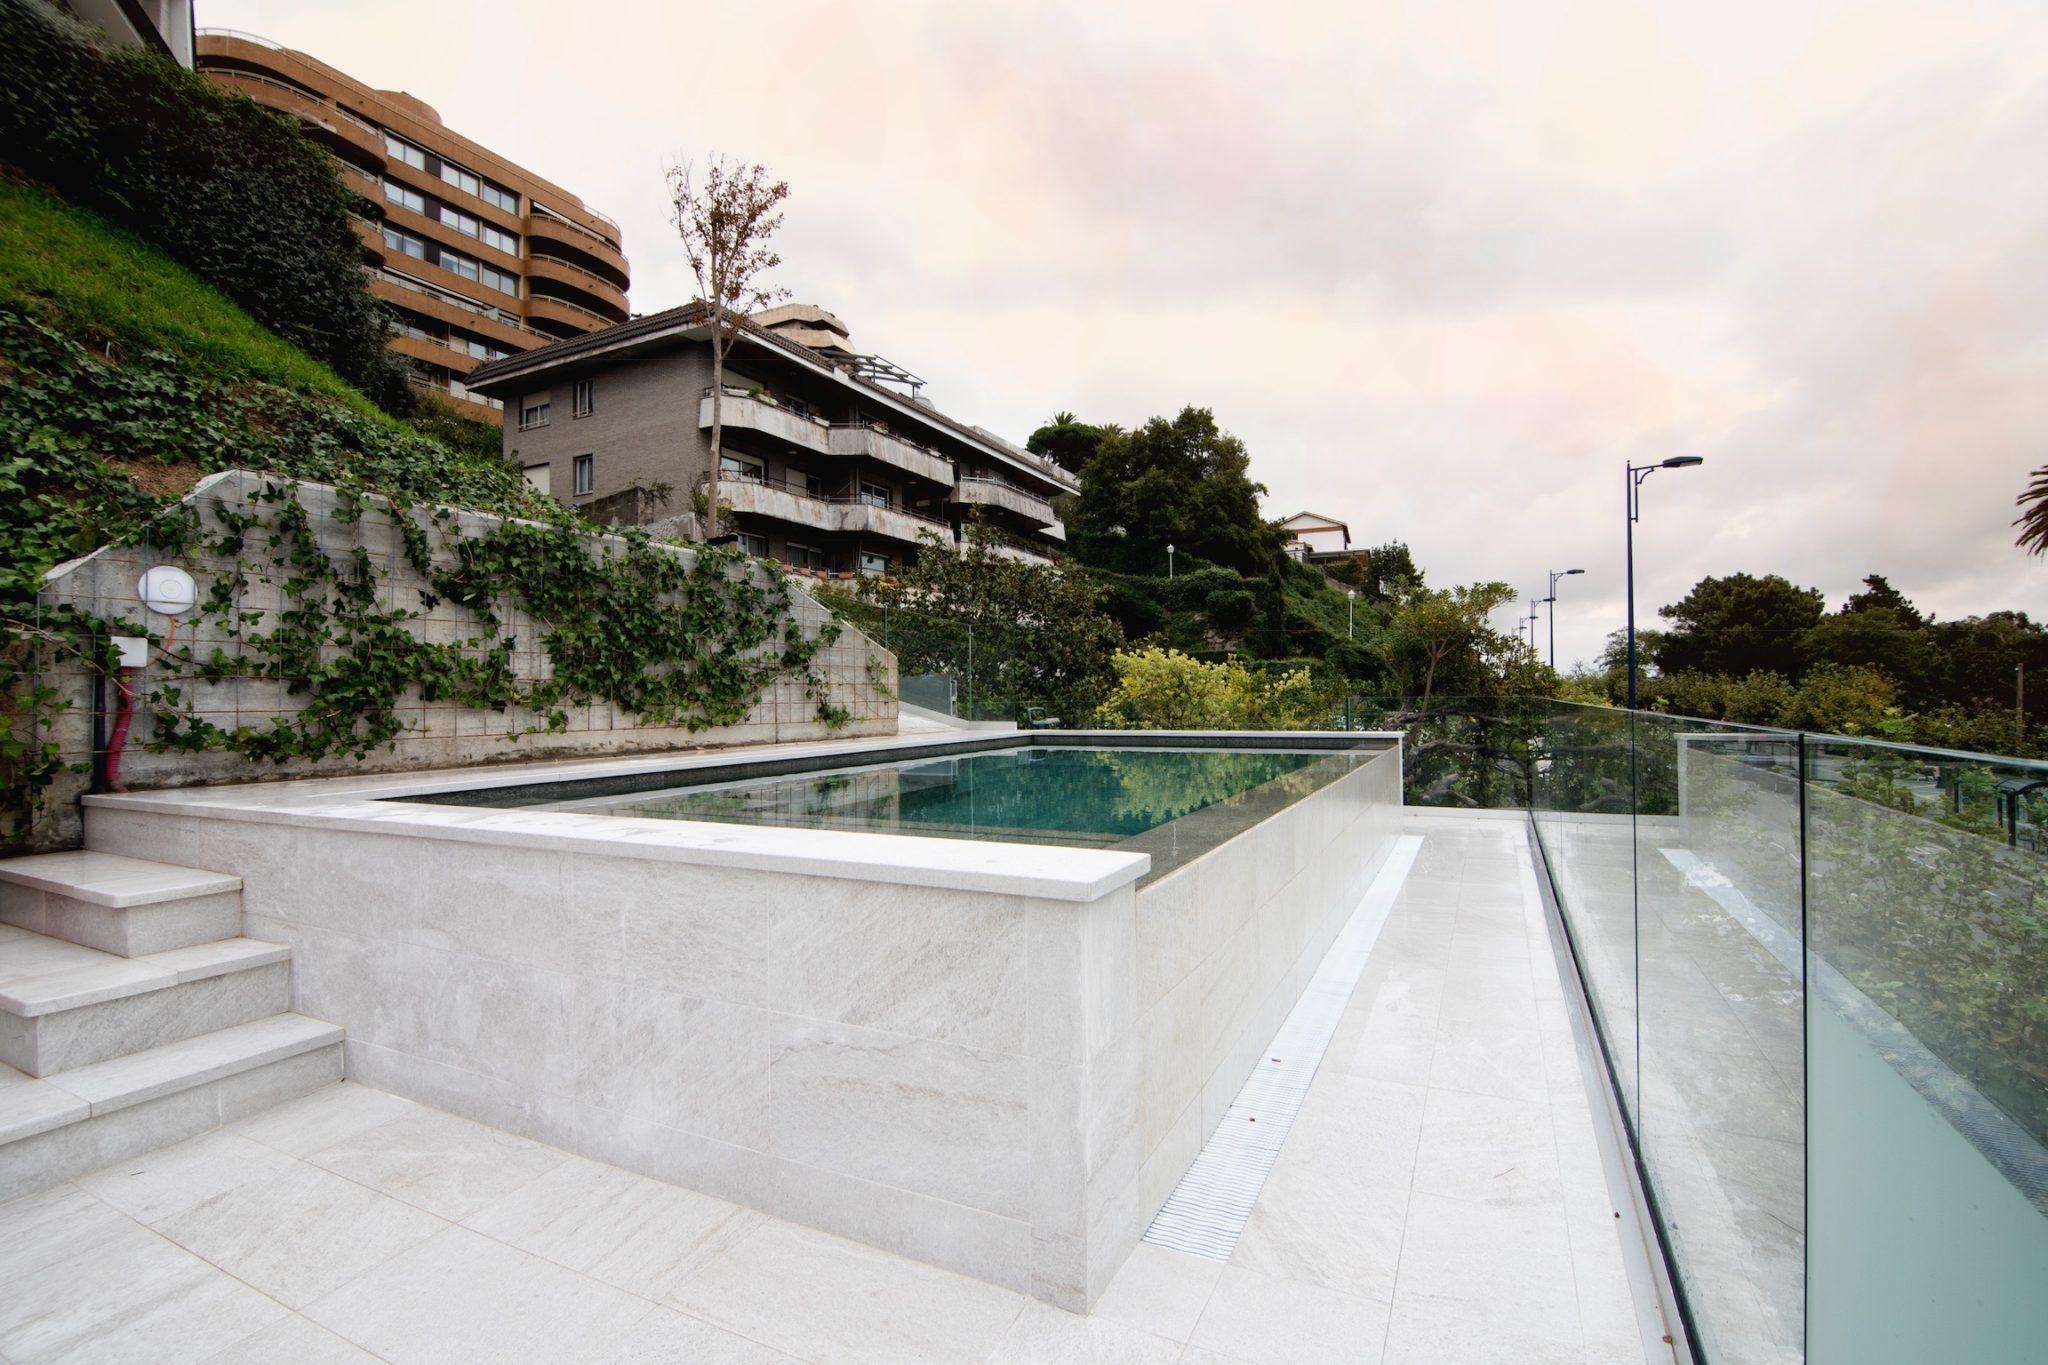 Mantenimiento de piscinas e instalaciones construcci n for Mantenimiento de piscinas madrid